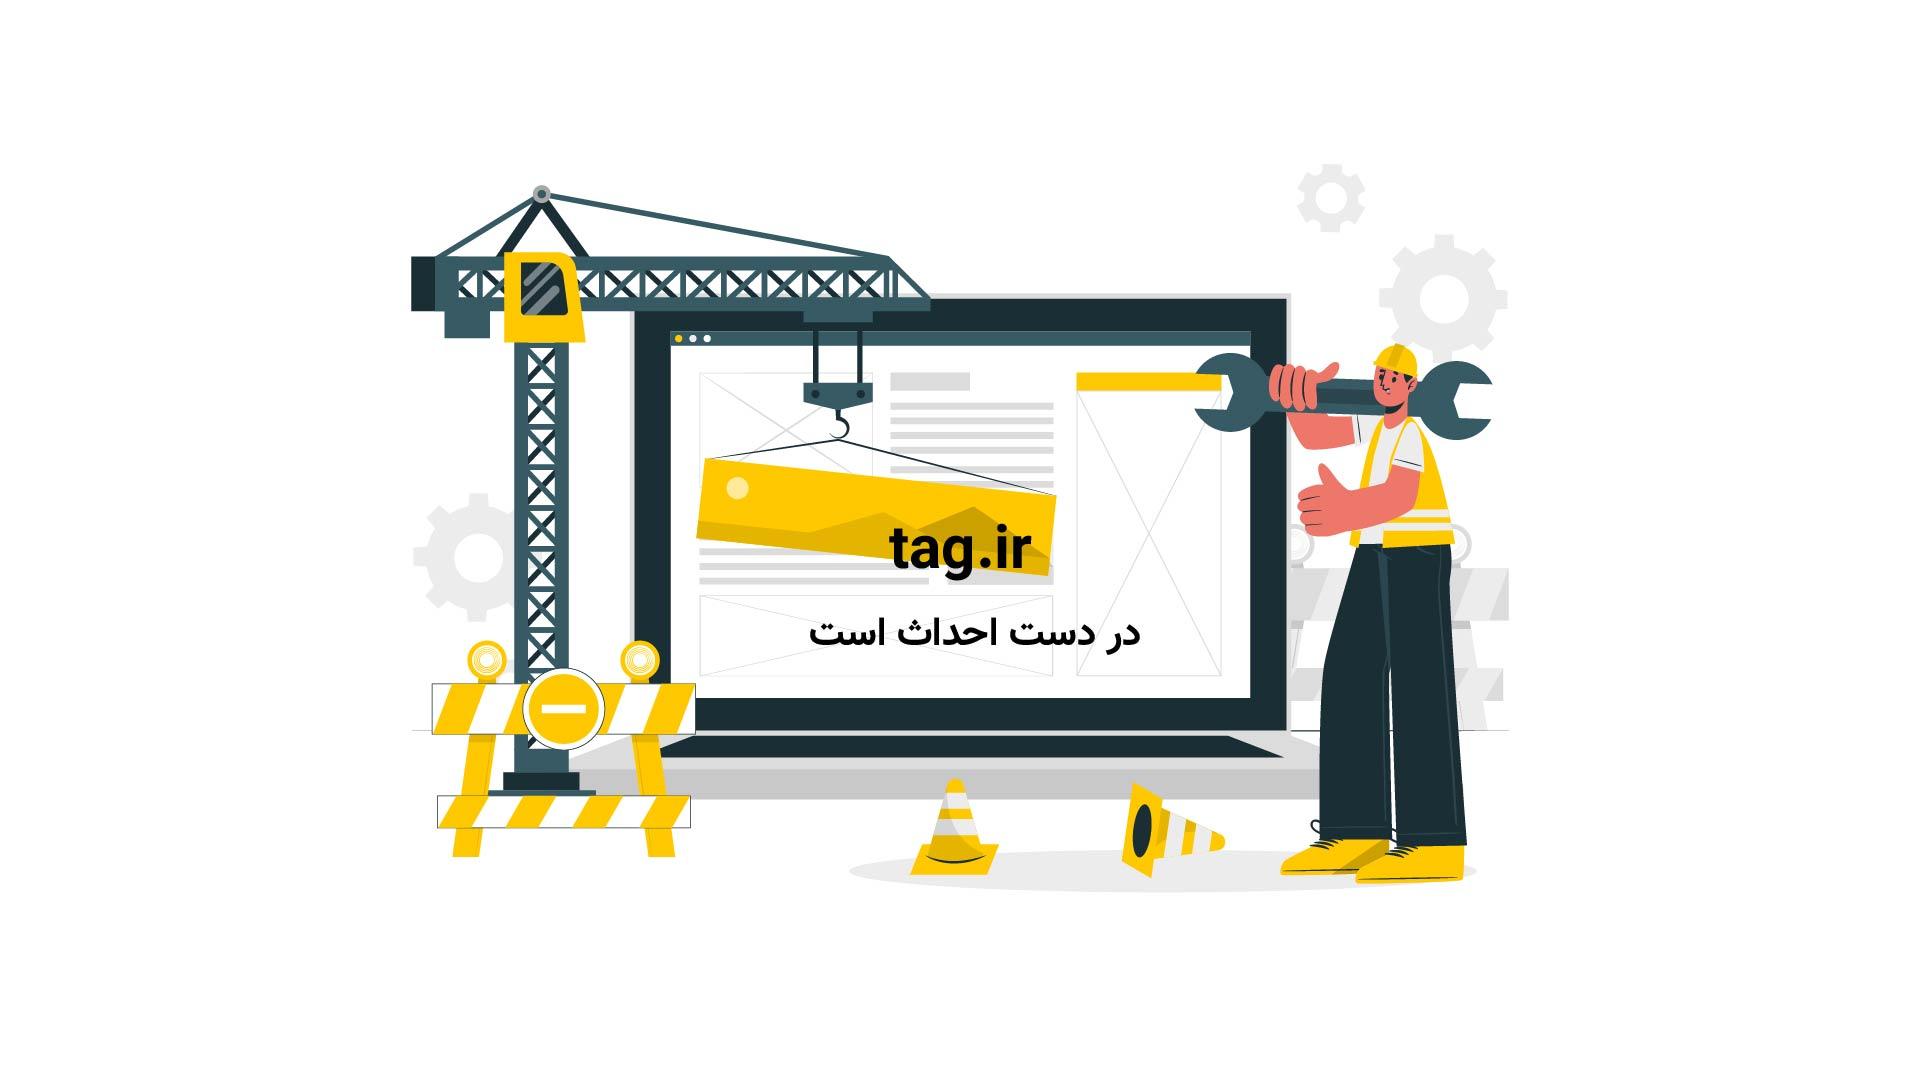 صومعه آلکوباکا از جاذبههای گردشگری پرتغال | فیلم